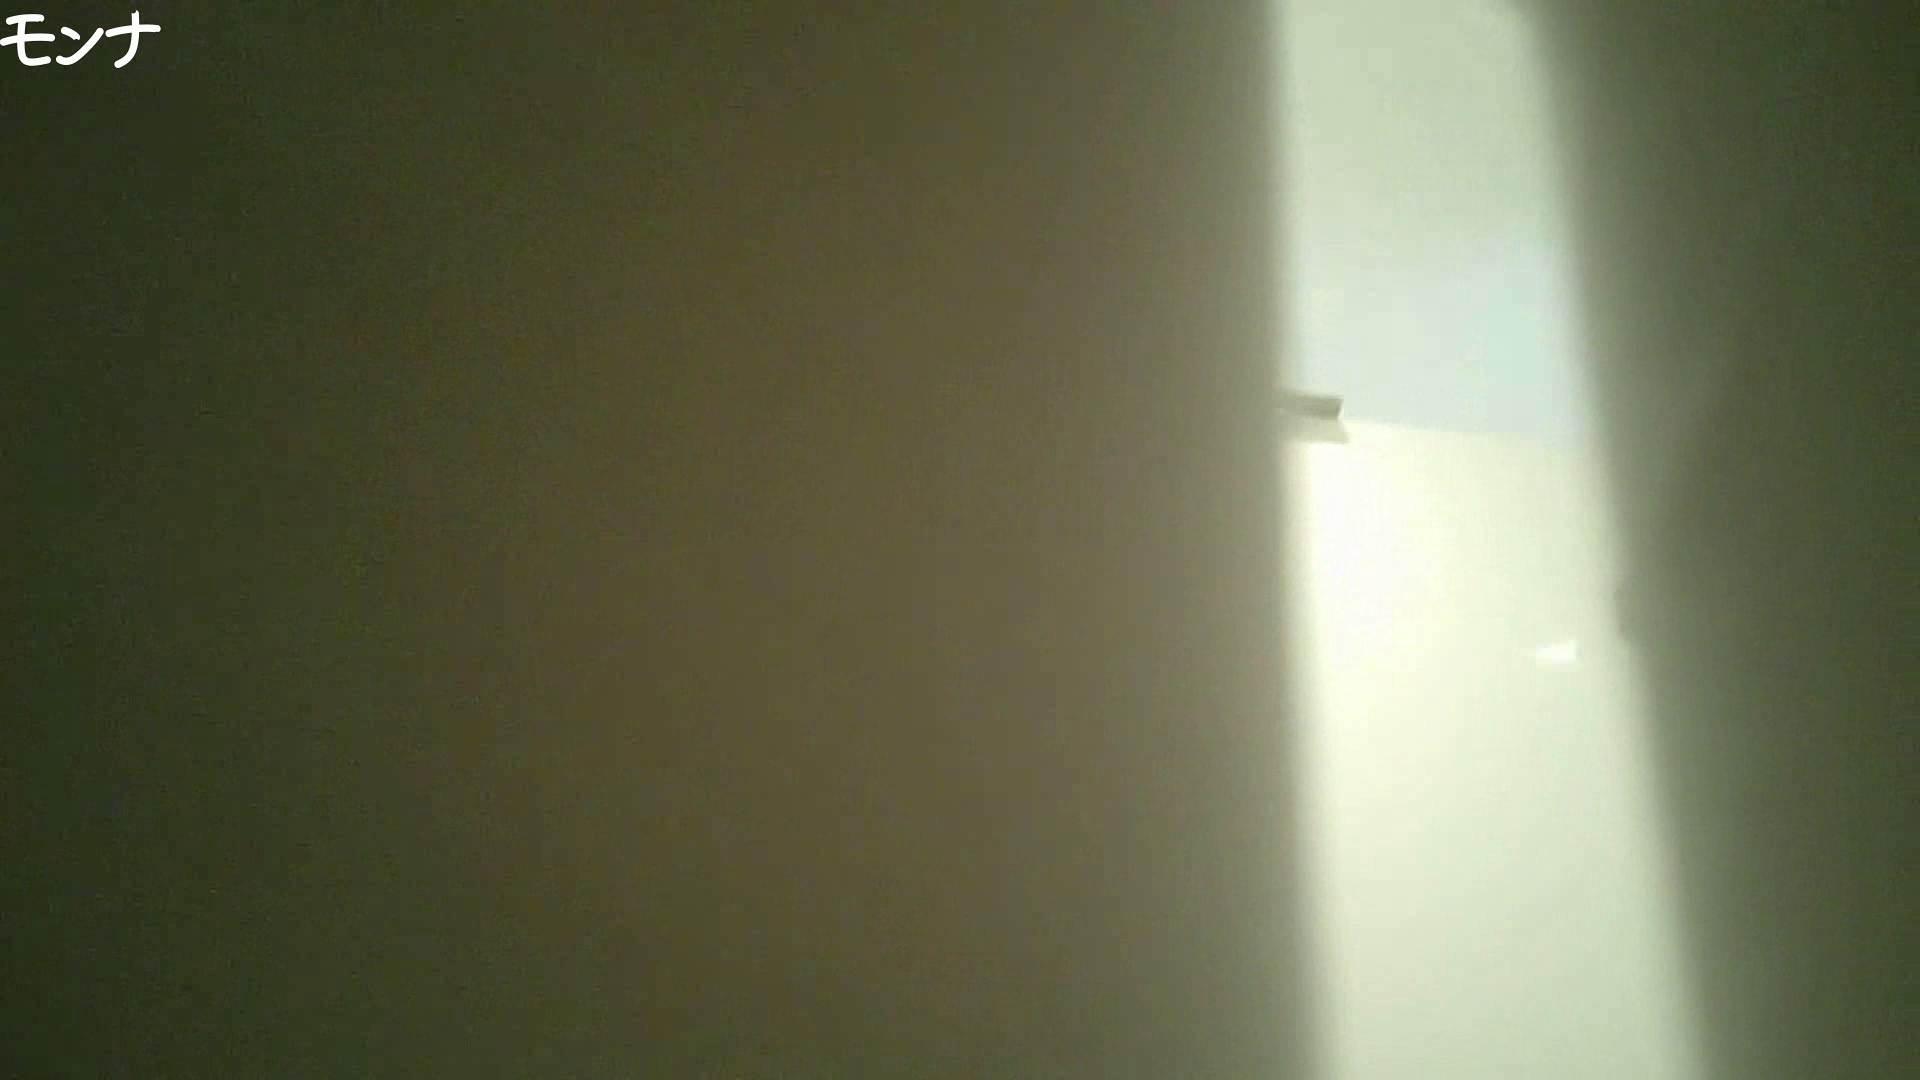 有名大学女性洗面所 vol.65 秘技!!マルチアングル天井撮り!! 洗面所  111pic 90